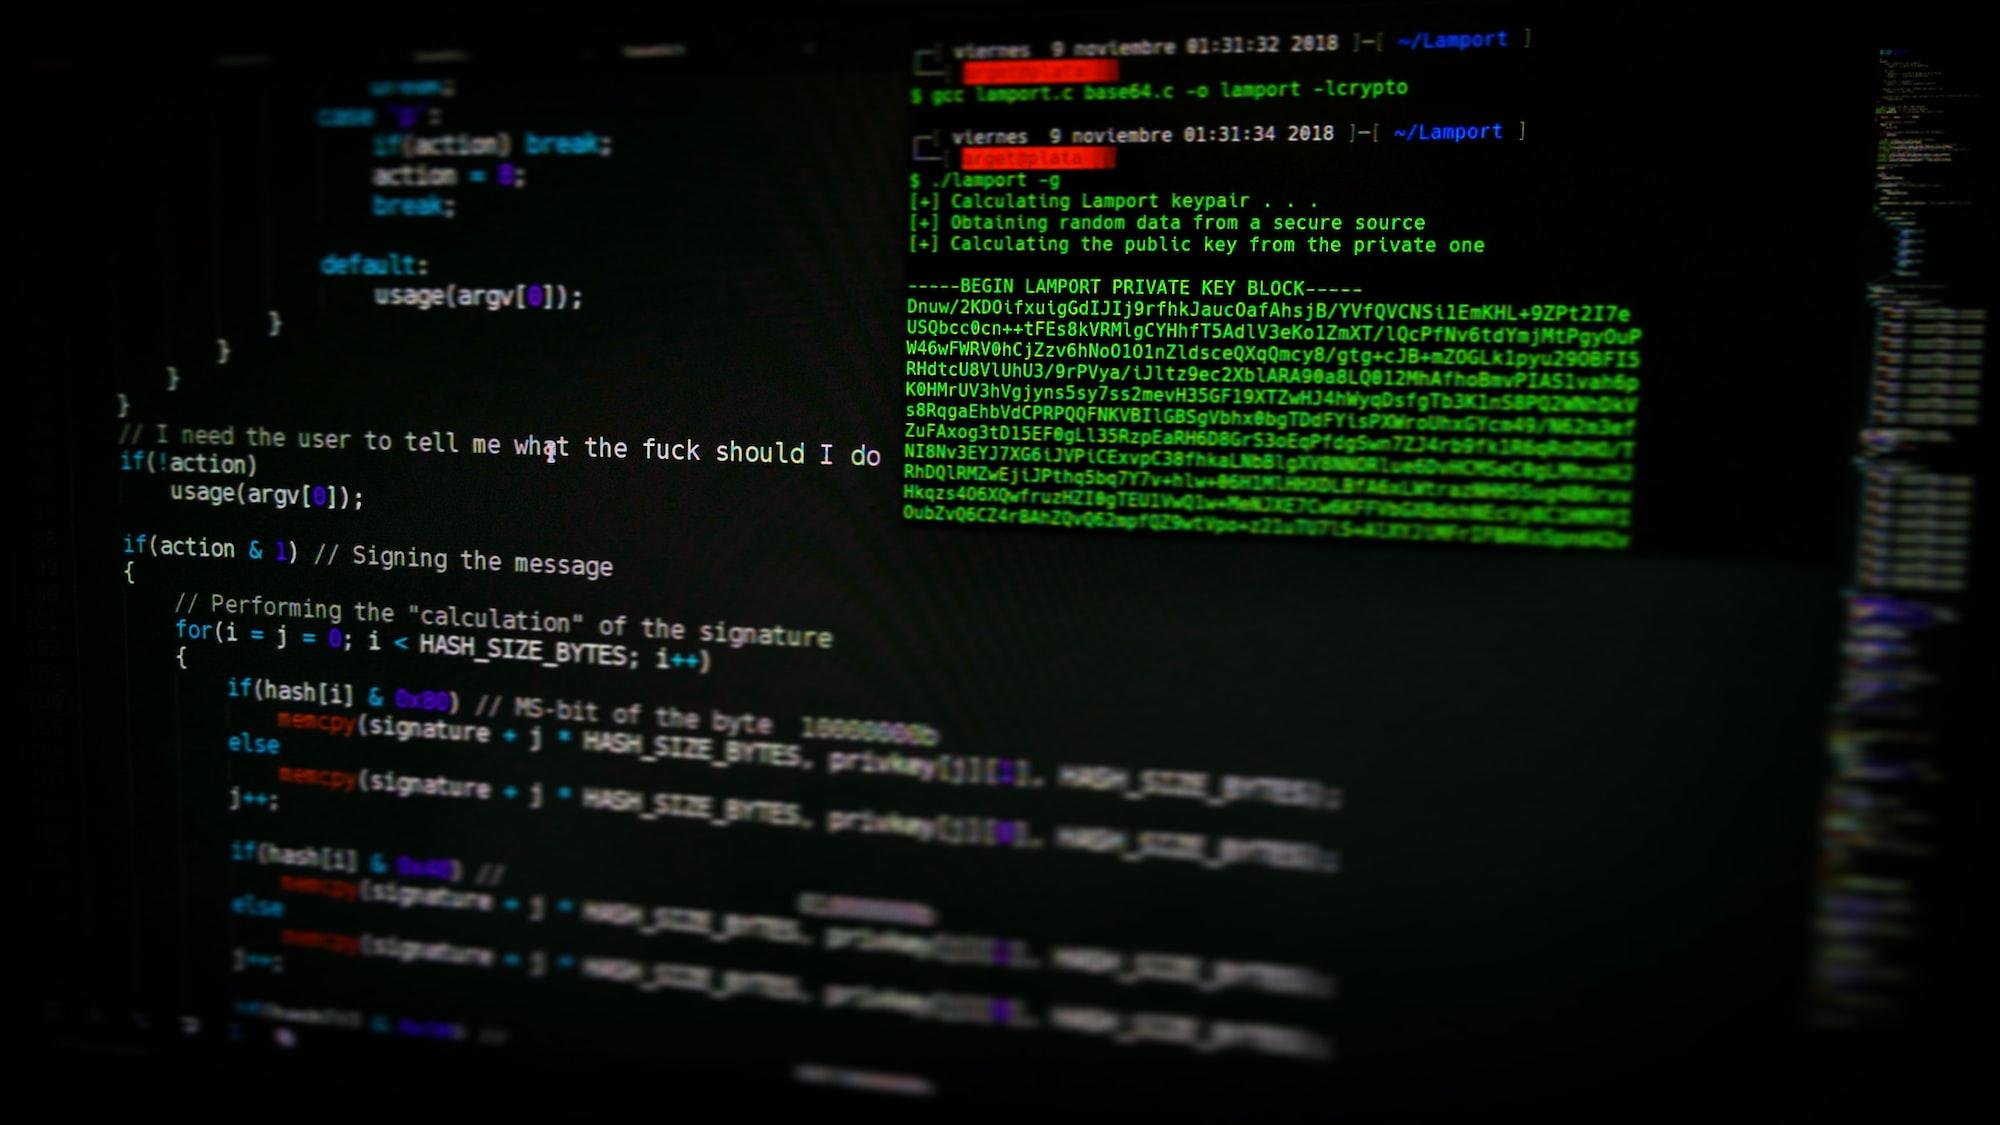 How to get IP address in Angular, React, VueJS, frontend Framework?